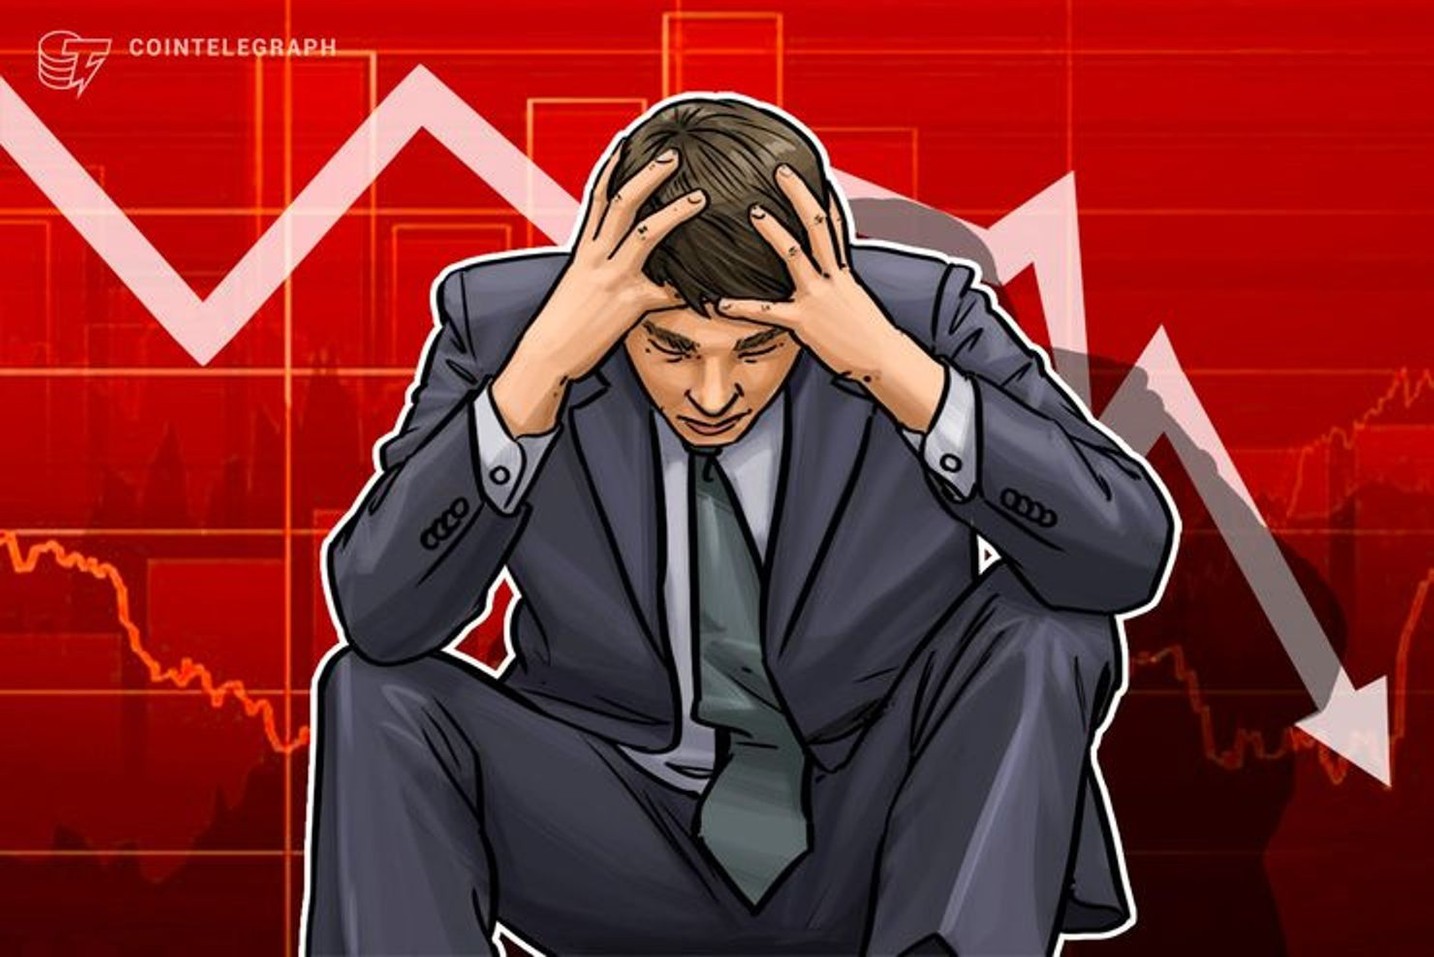 「急落は一時的」か「4000ドルまっしぐら」か…仮想通貨ビットコイン、どこへ